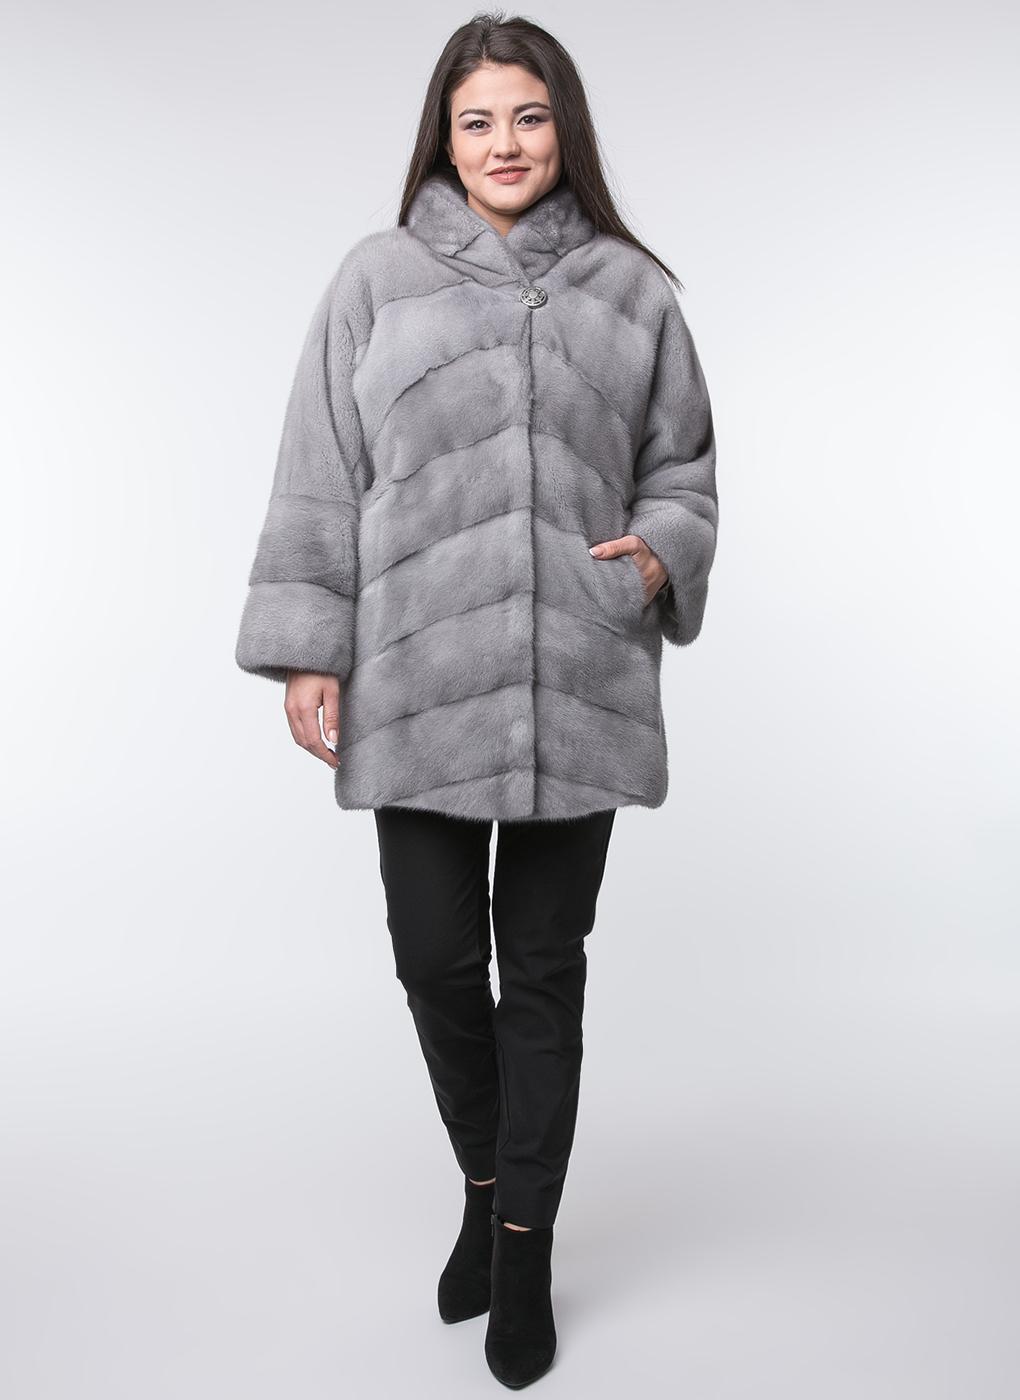 Норковая куртка Энни 01, Ogle Furs